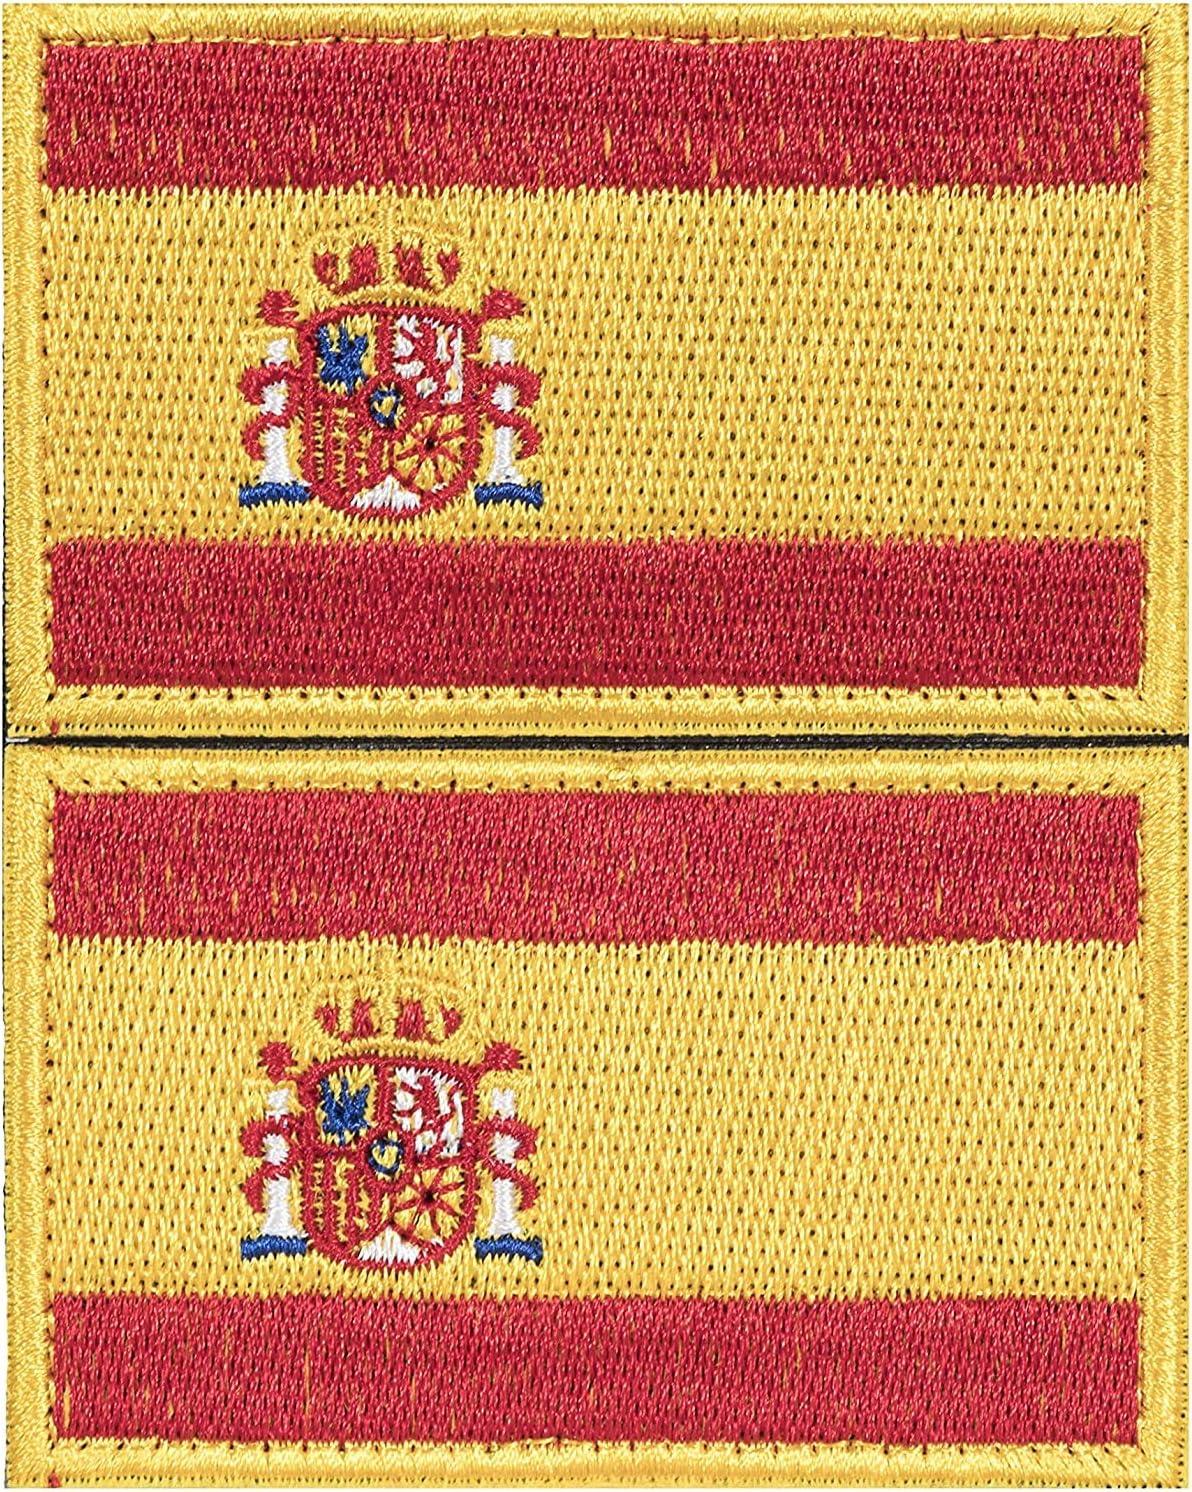 2 x Parche España Parches Velcro España Español Bandera Táctico bandera con velcro podría ser pegado a la ropa, chaleco, gorra, mochila original: Amazon.es: Hogar